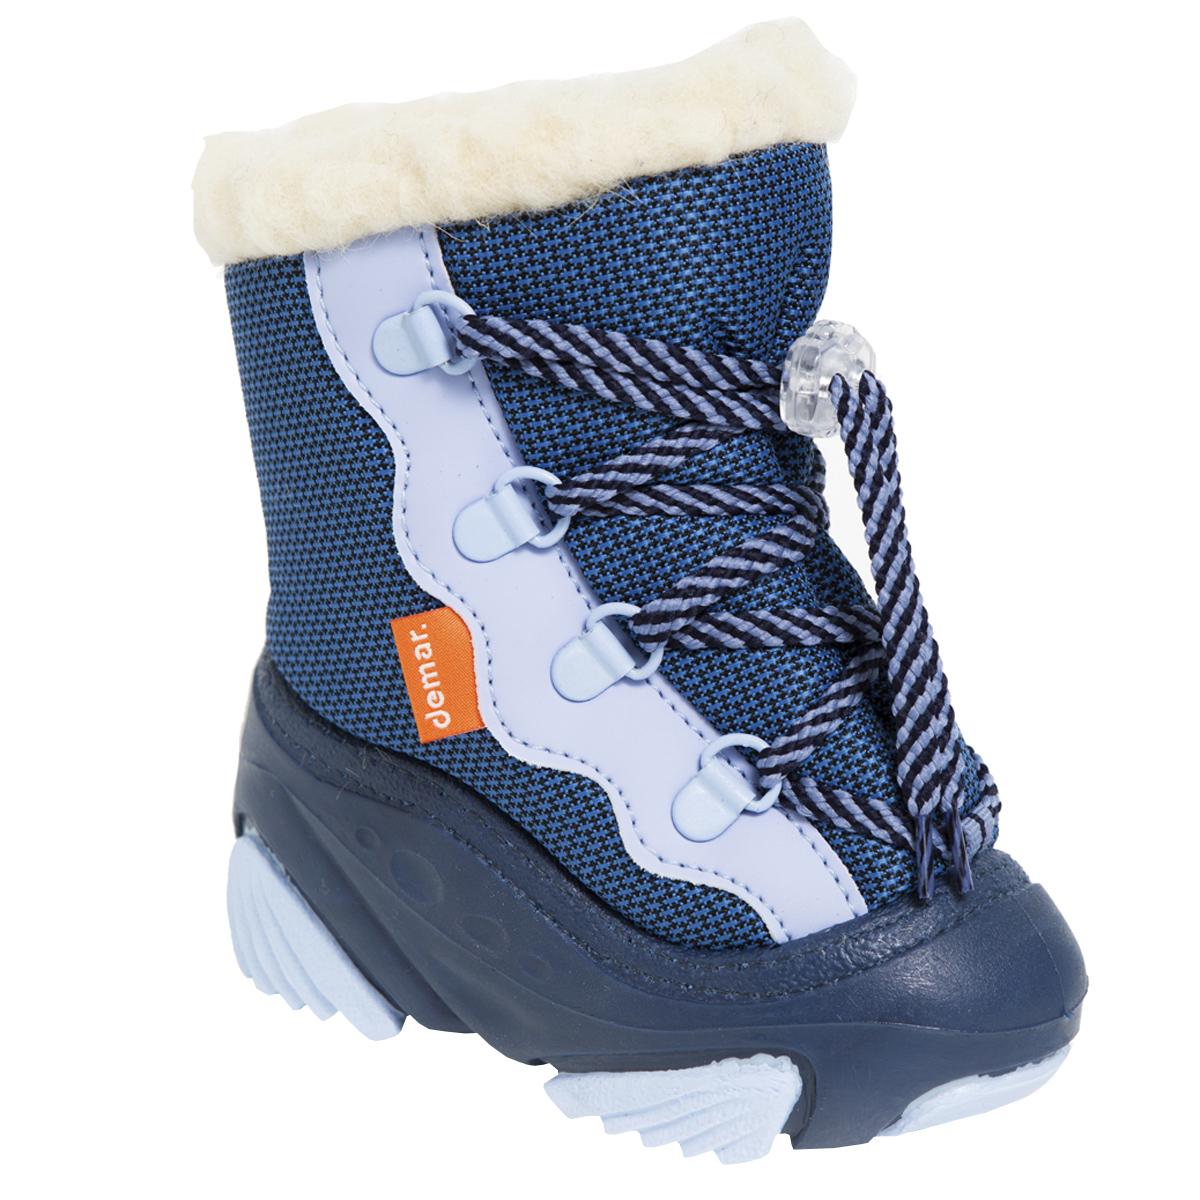 Дутики детские Snow Mar. 40174017Стильные дутики Snow Mar от Demar придутся по вкусу вашему ребенку. Верх модели выполнен из высококачественного текстиля и ПВХ. Подкладка и стелька из натуральной шерсти, сохранят ноги в тепле. Шнуровка обеспечивает более плотное прилегание модели на ноге. Подошва с рифлением обеспечит отличное сцепление с любыми поверхностями. Удобные дутики - необходимая вещь в гардеробе вашего ребенка.